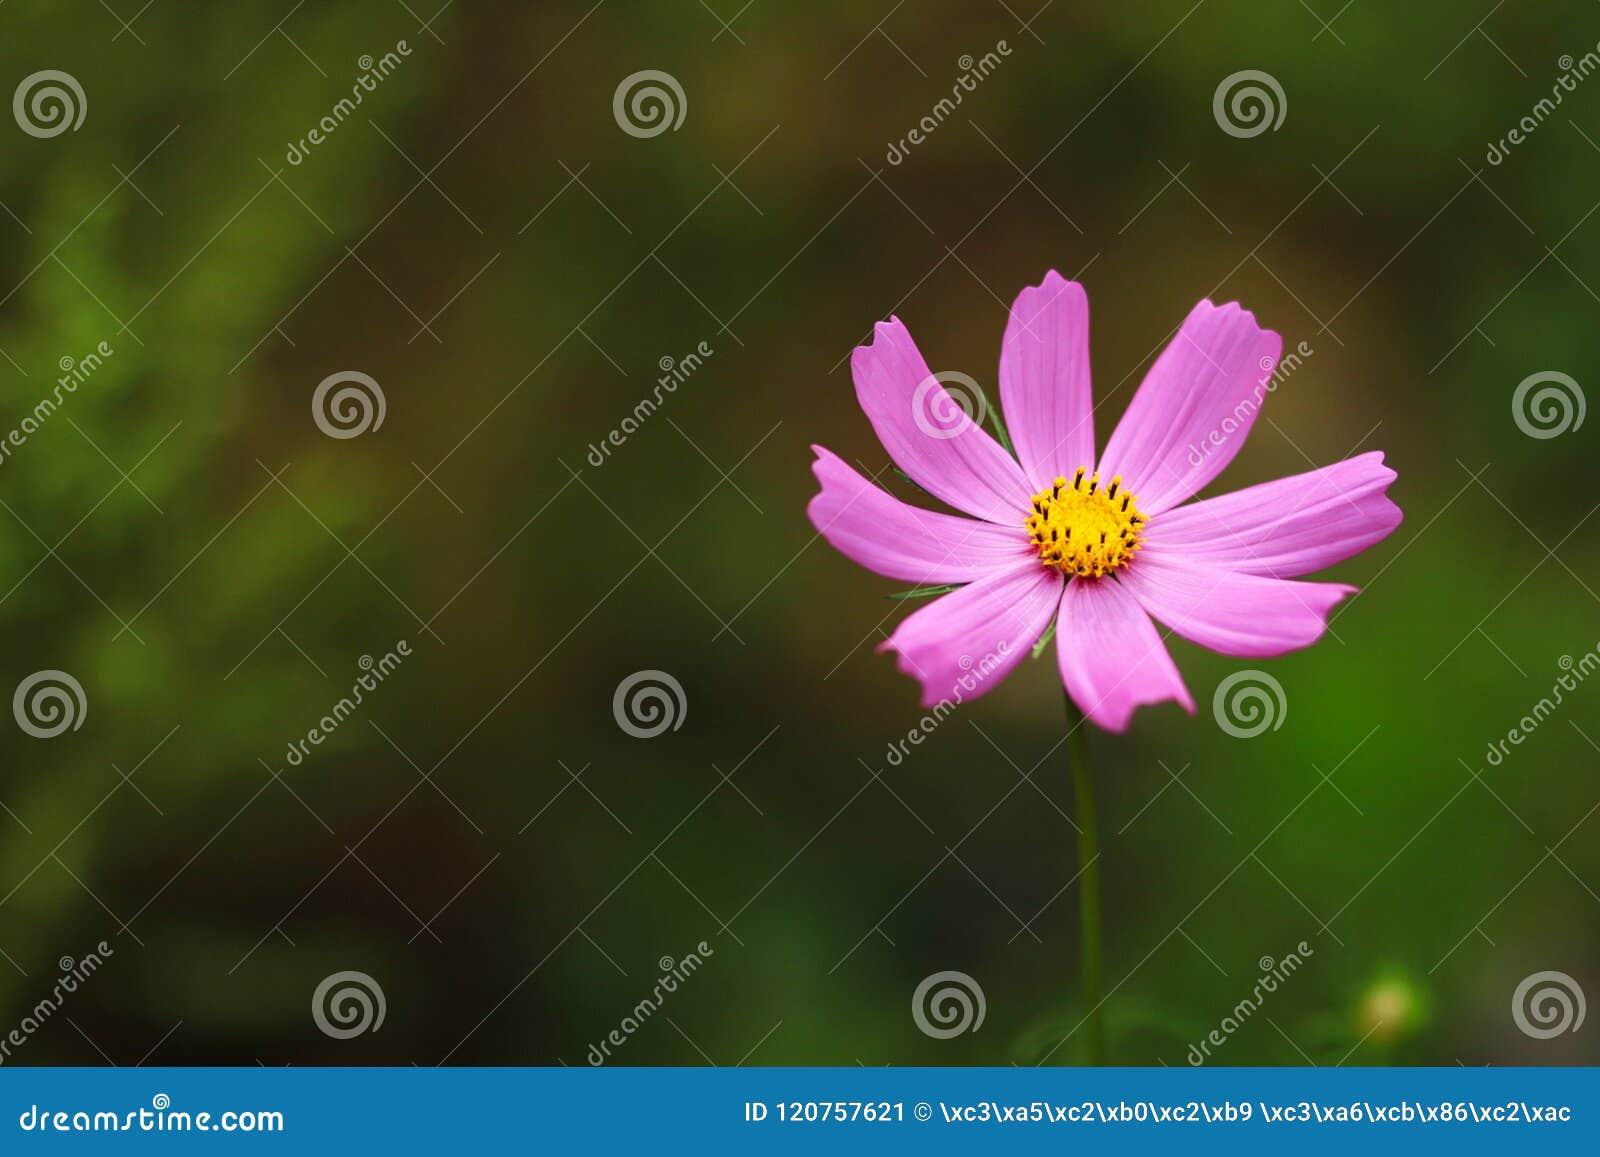 Красивая персидская хризантема